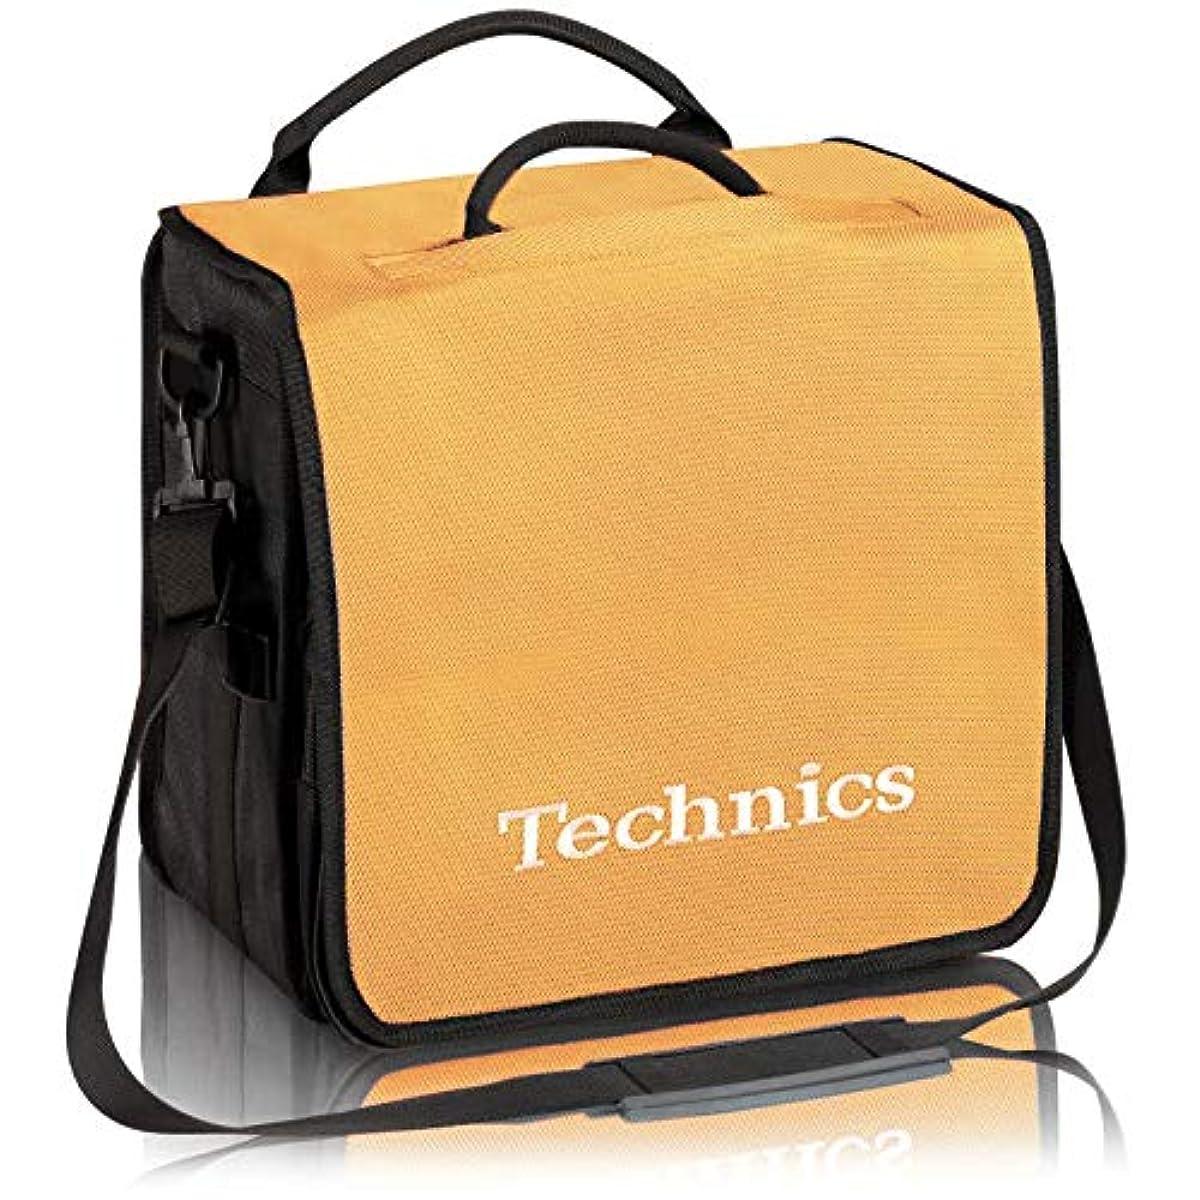 [해외] TECHNICS테크닉스 / BACKBAG YELLOW/WHITE 레코드 약60 매수납가 레코드 화이트